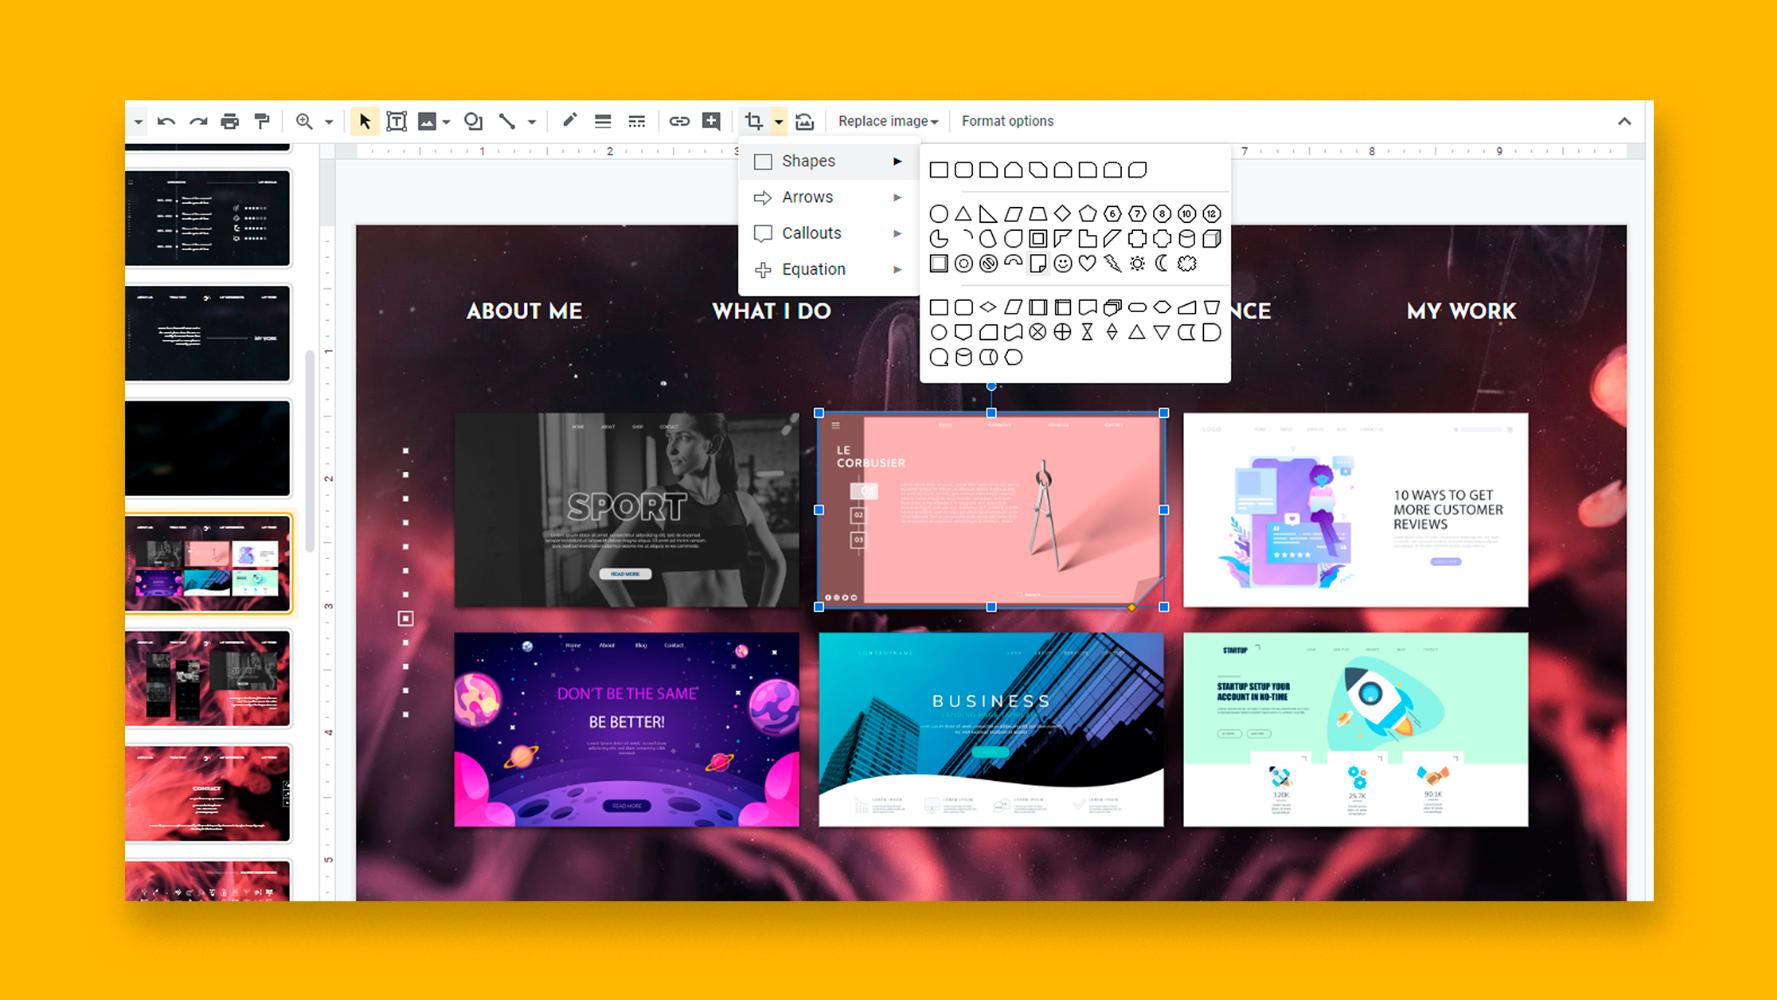 نحوه درج ، برش یا ماسک تصاویر در اسلایدهای Google |  نکات سریع و آموزش برای ارائه های خود